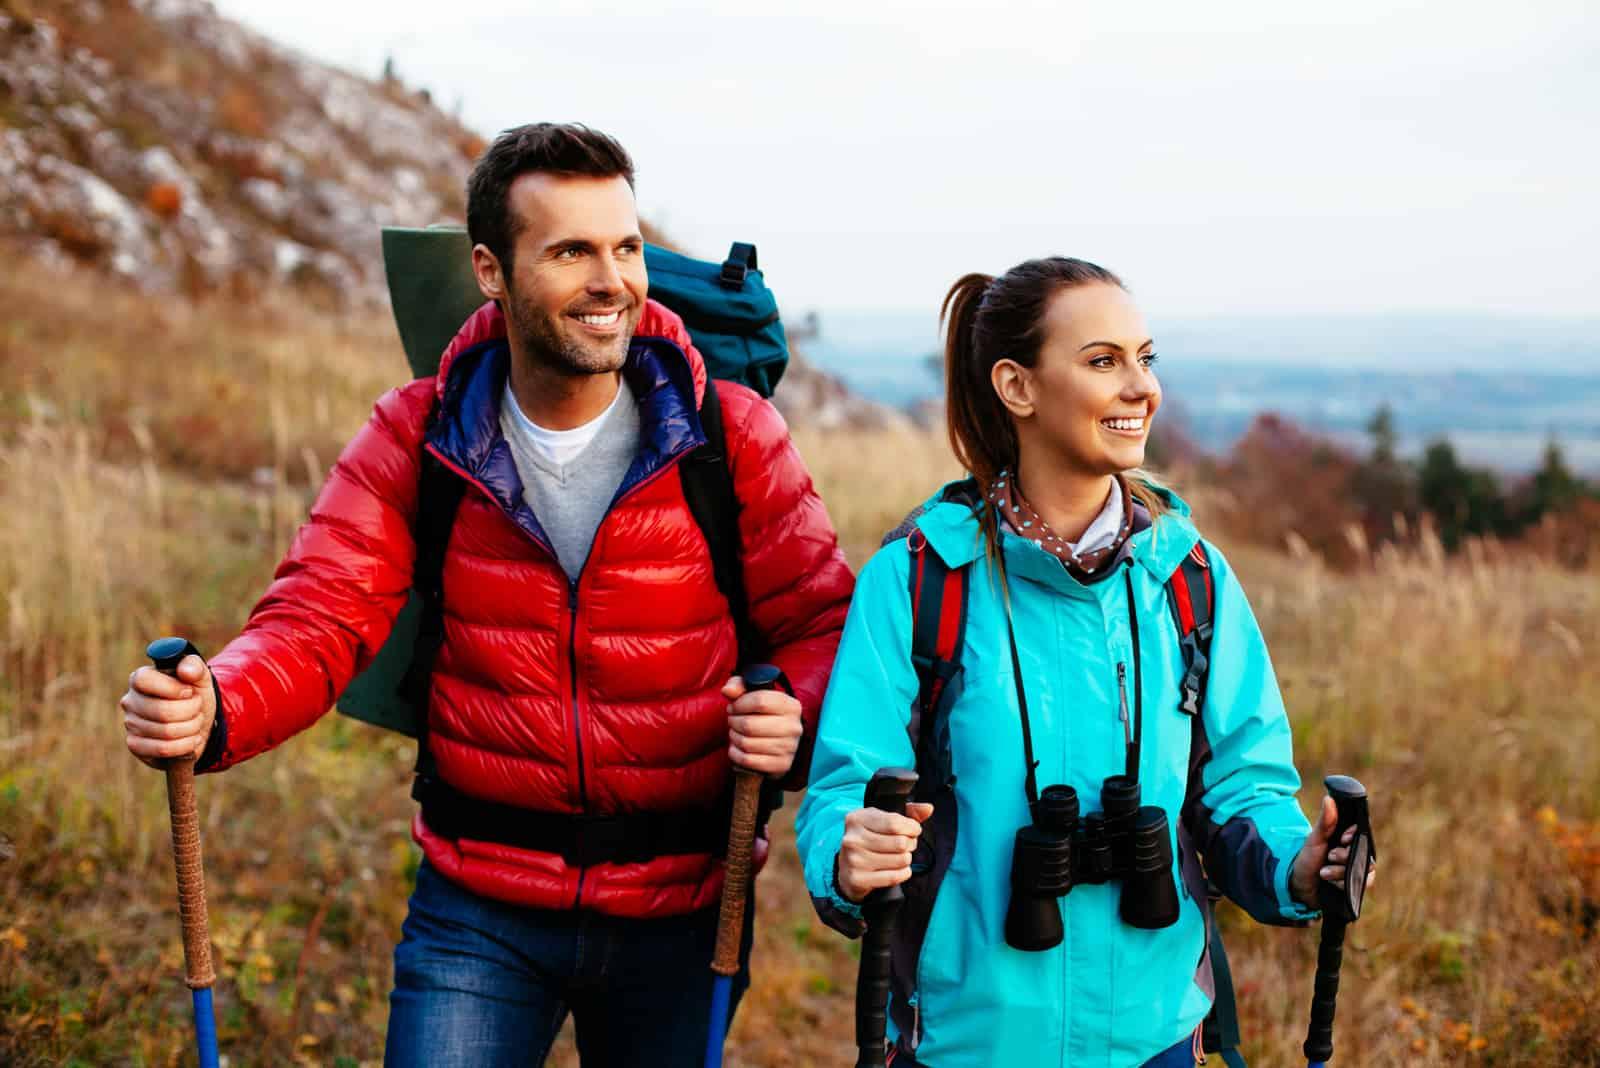 Paar wandern im Herbst mit Stöcken